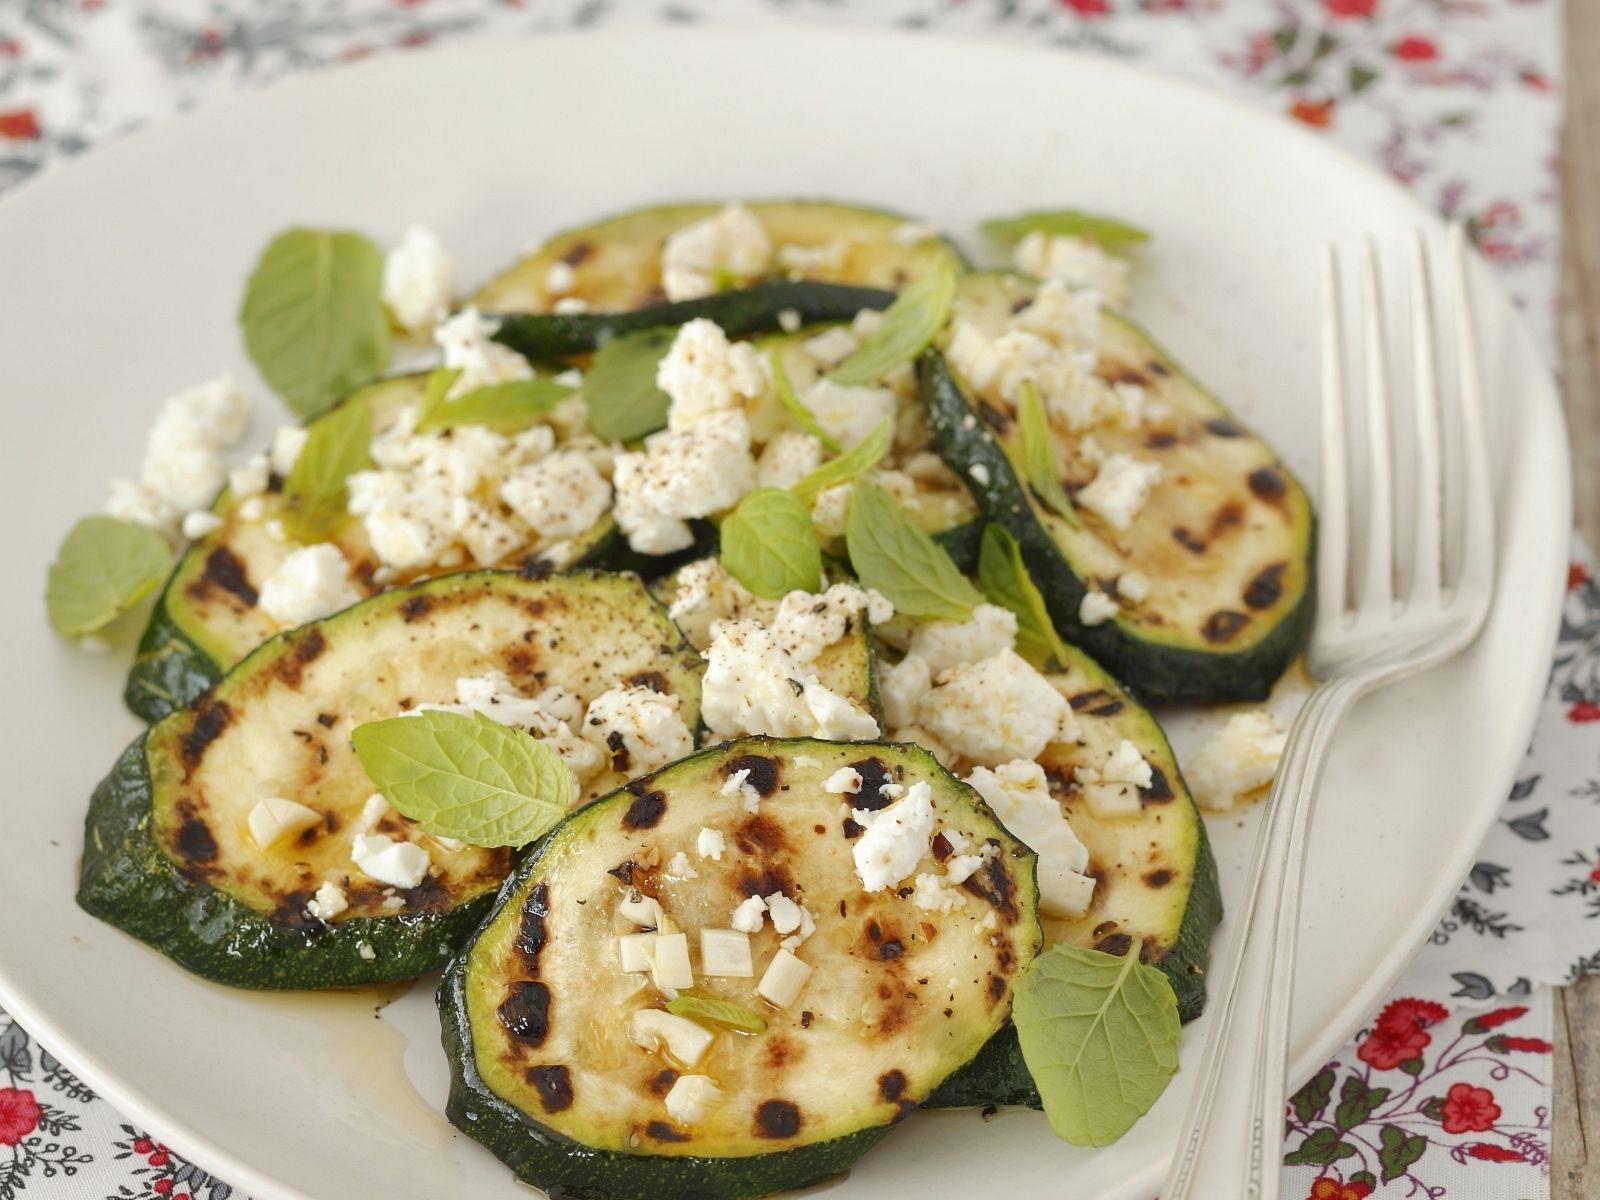 rezepte zucchini zum grillen gesundes essen und rezepte foto blog. Black Bedroom Furniture Sets. Home Design Ideas